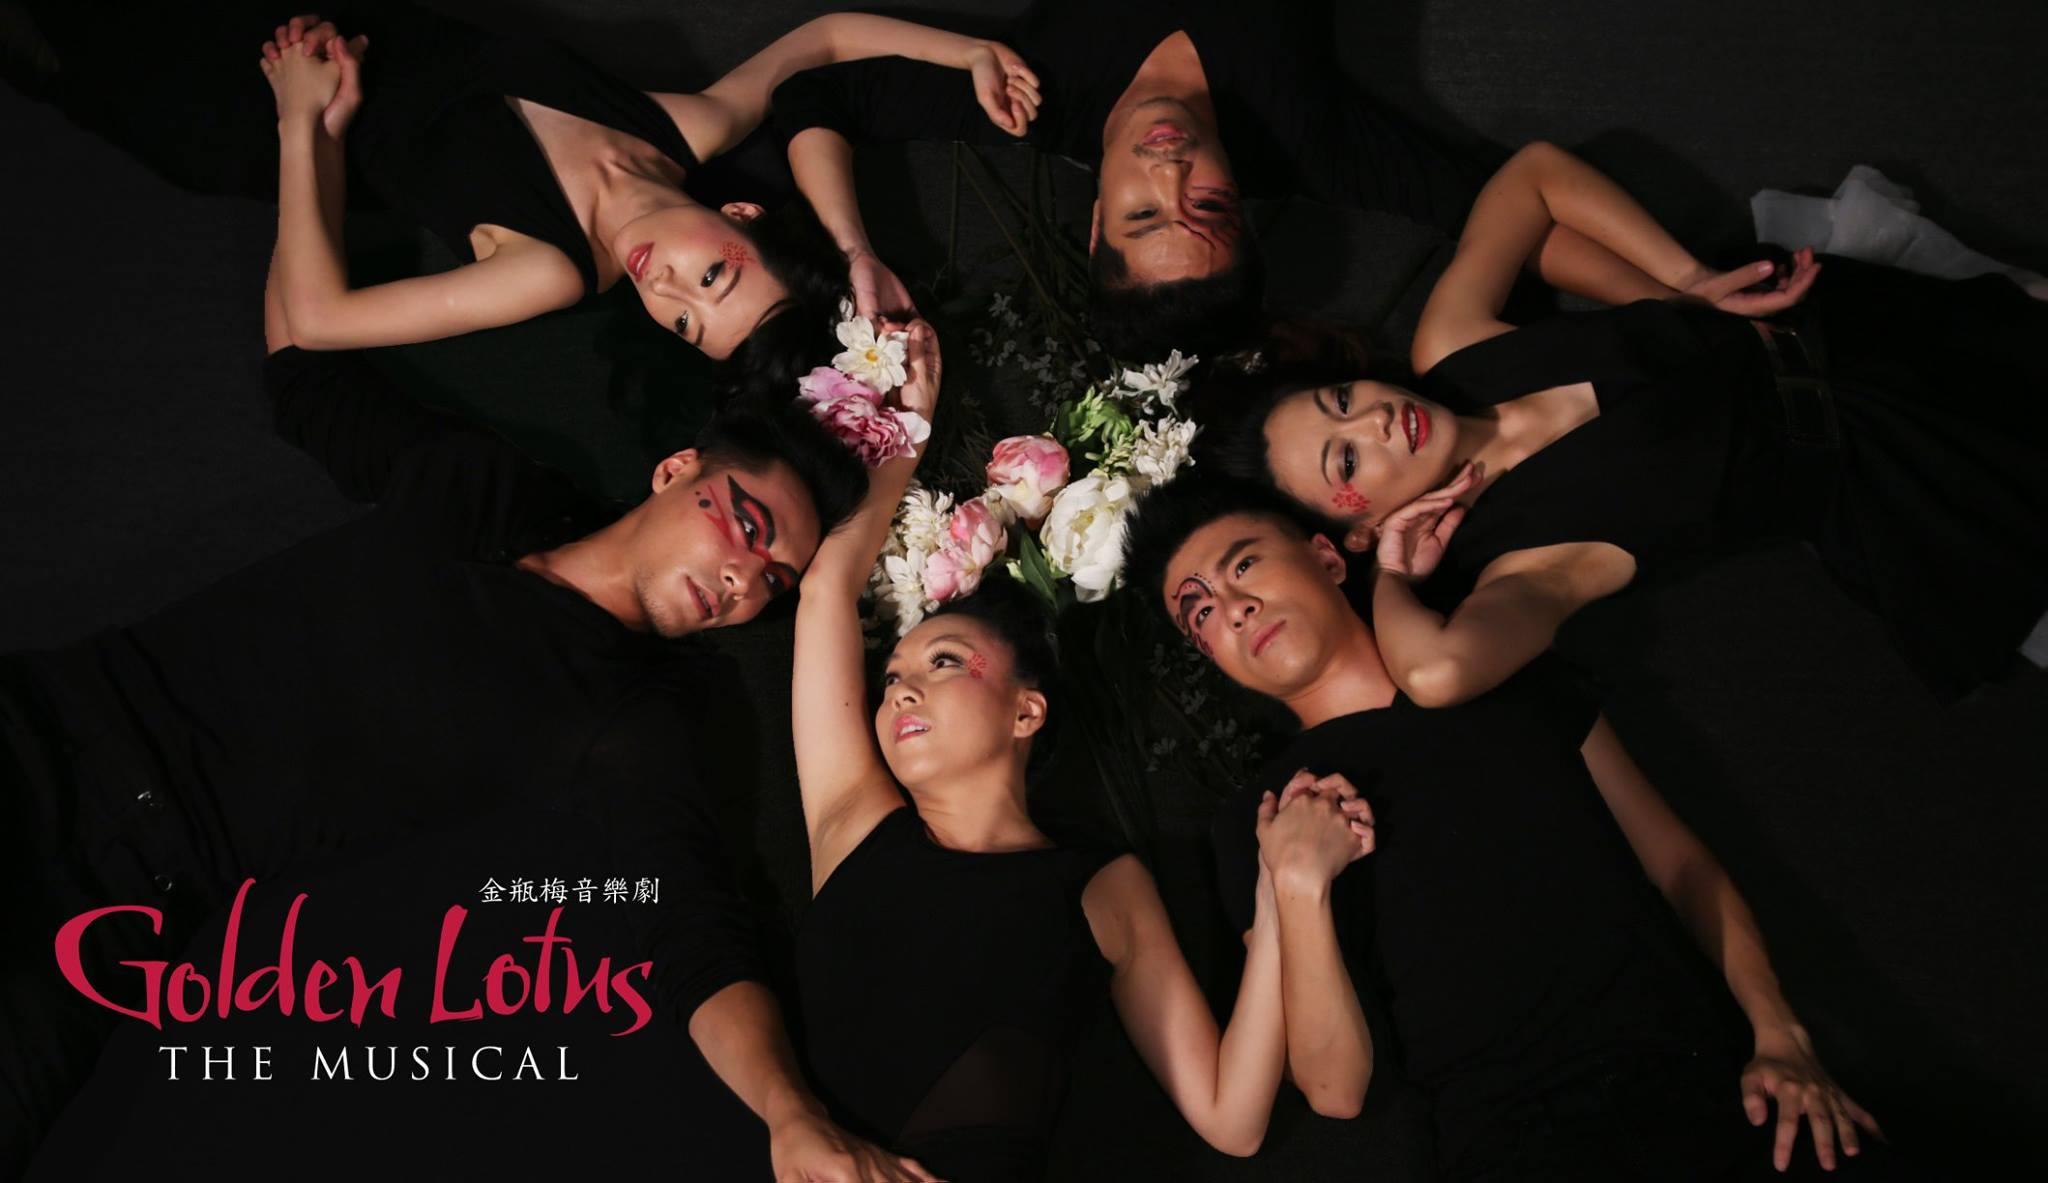 Golden Lotus – The Musical: 'Hong Kong's First Musical'